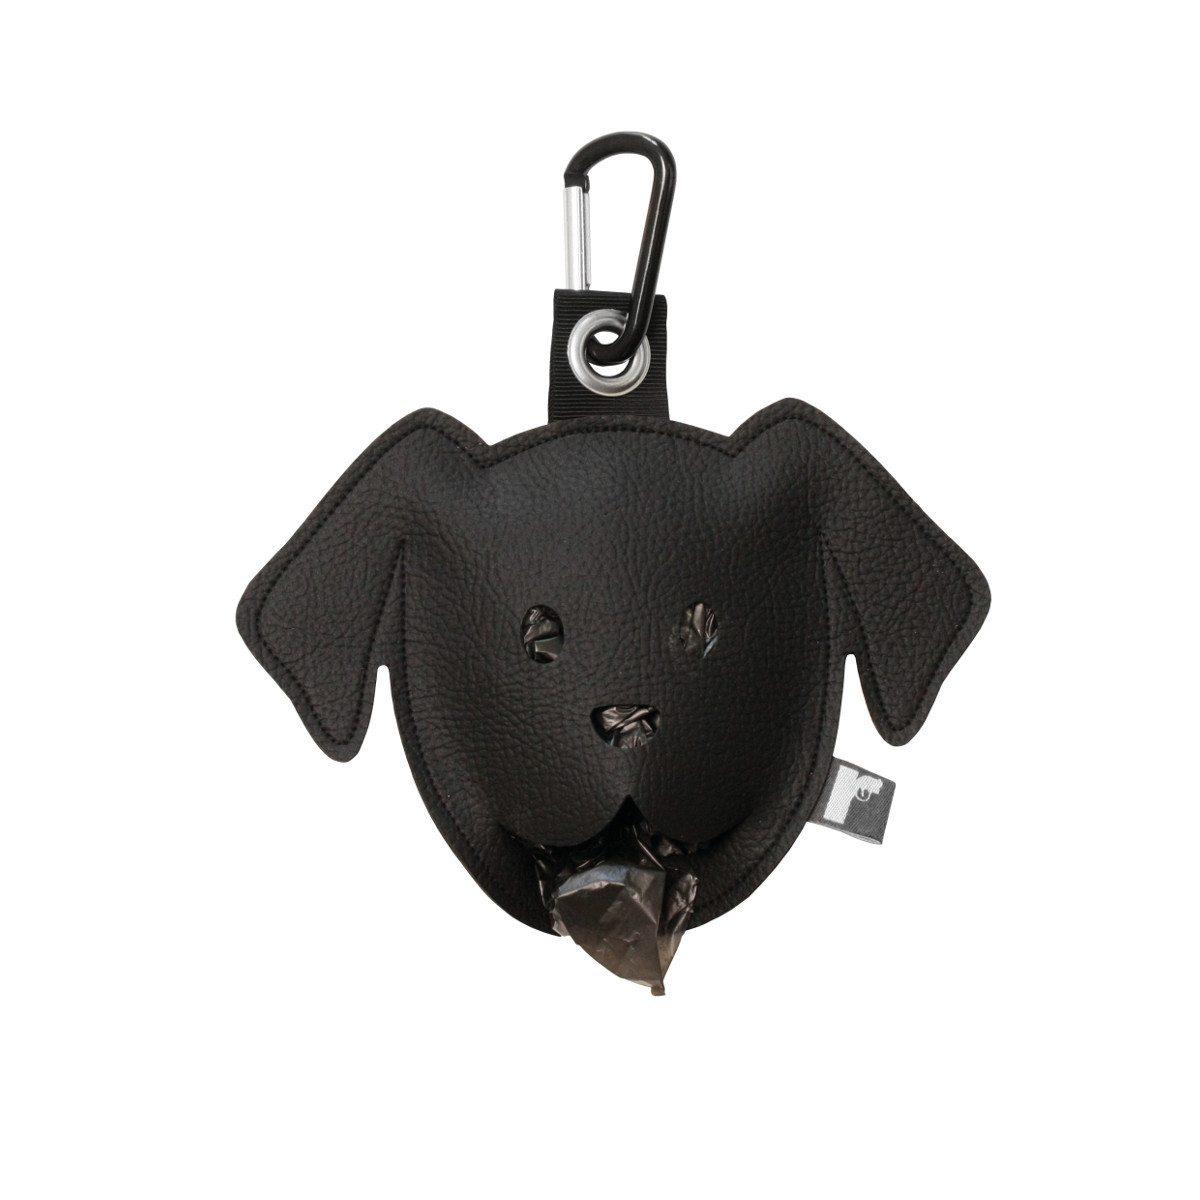 Goodie zum Gassi-Gehen: Der Hundebeutelspender schwarz